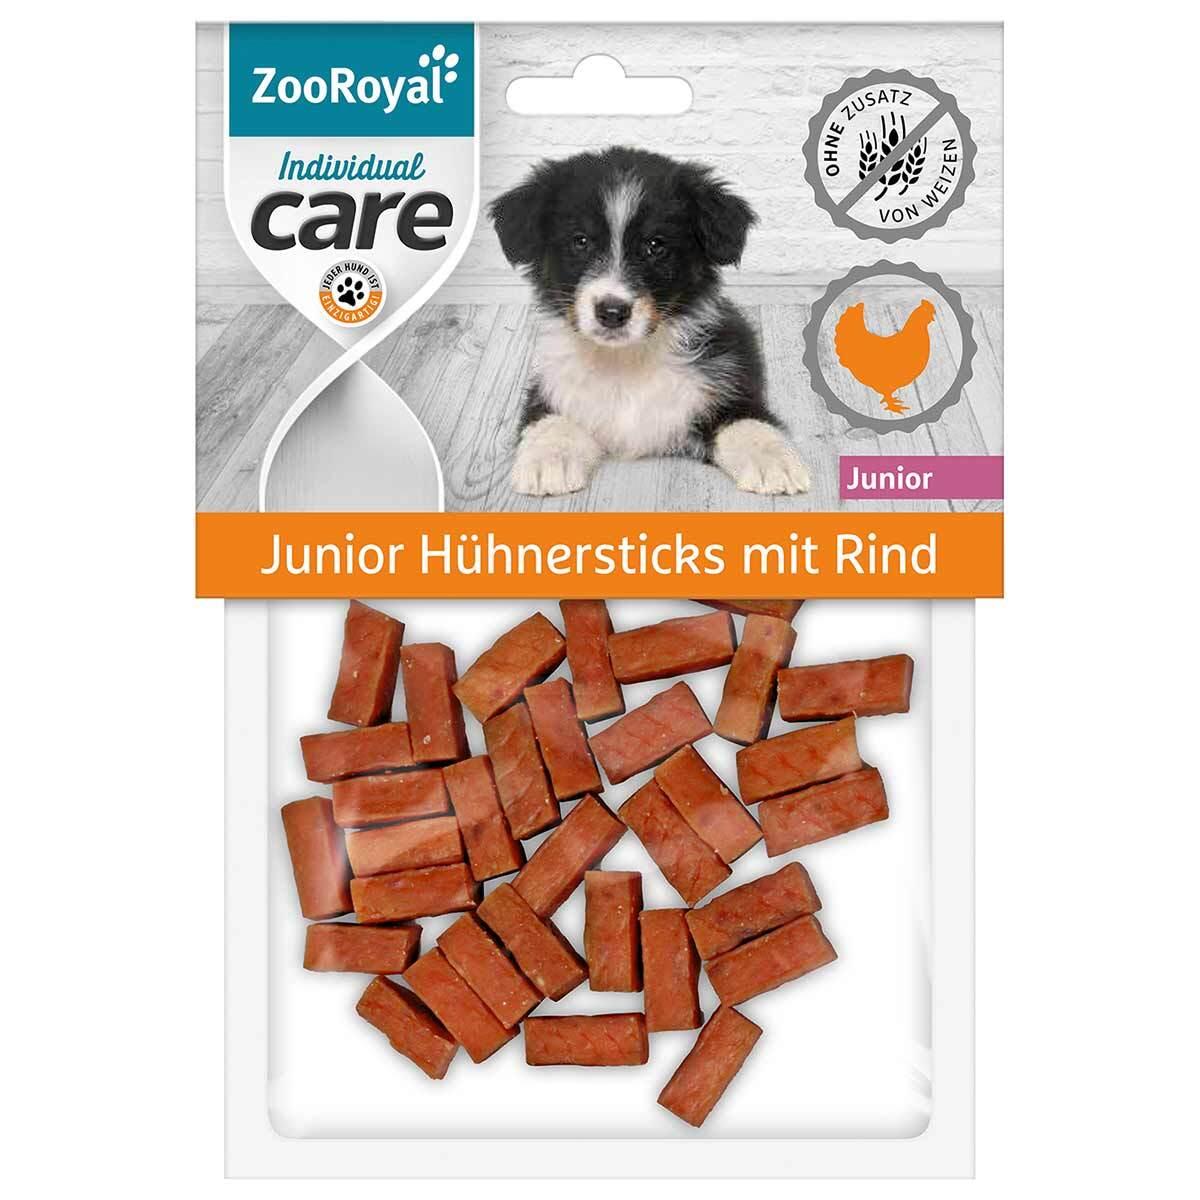 Bild 1 von ZooRoyal Individual care Junior Hühnersticks mit Rind 3x70g